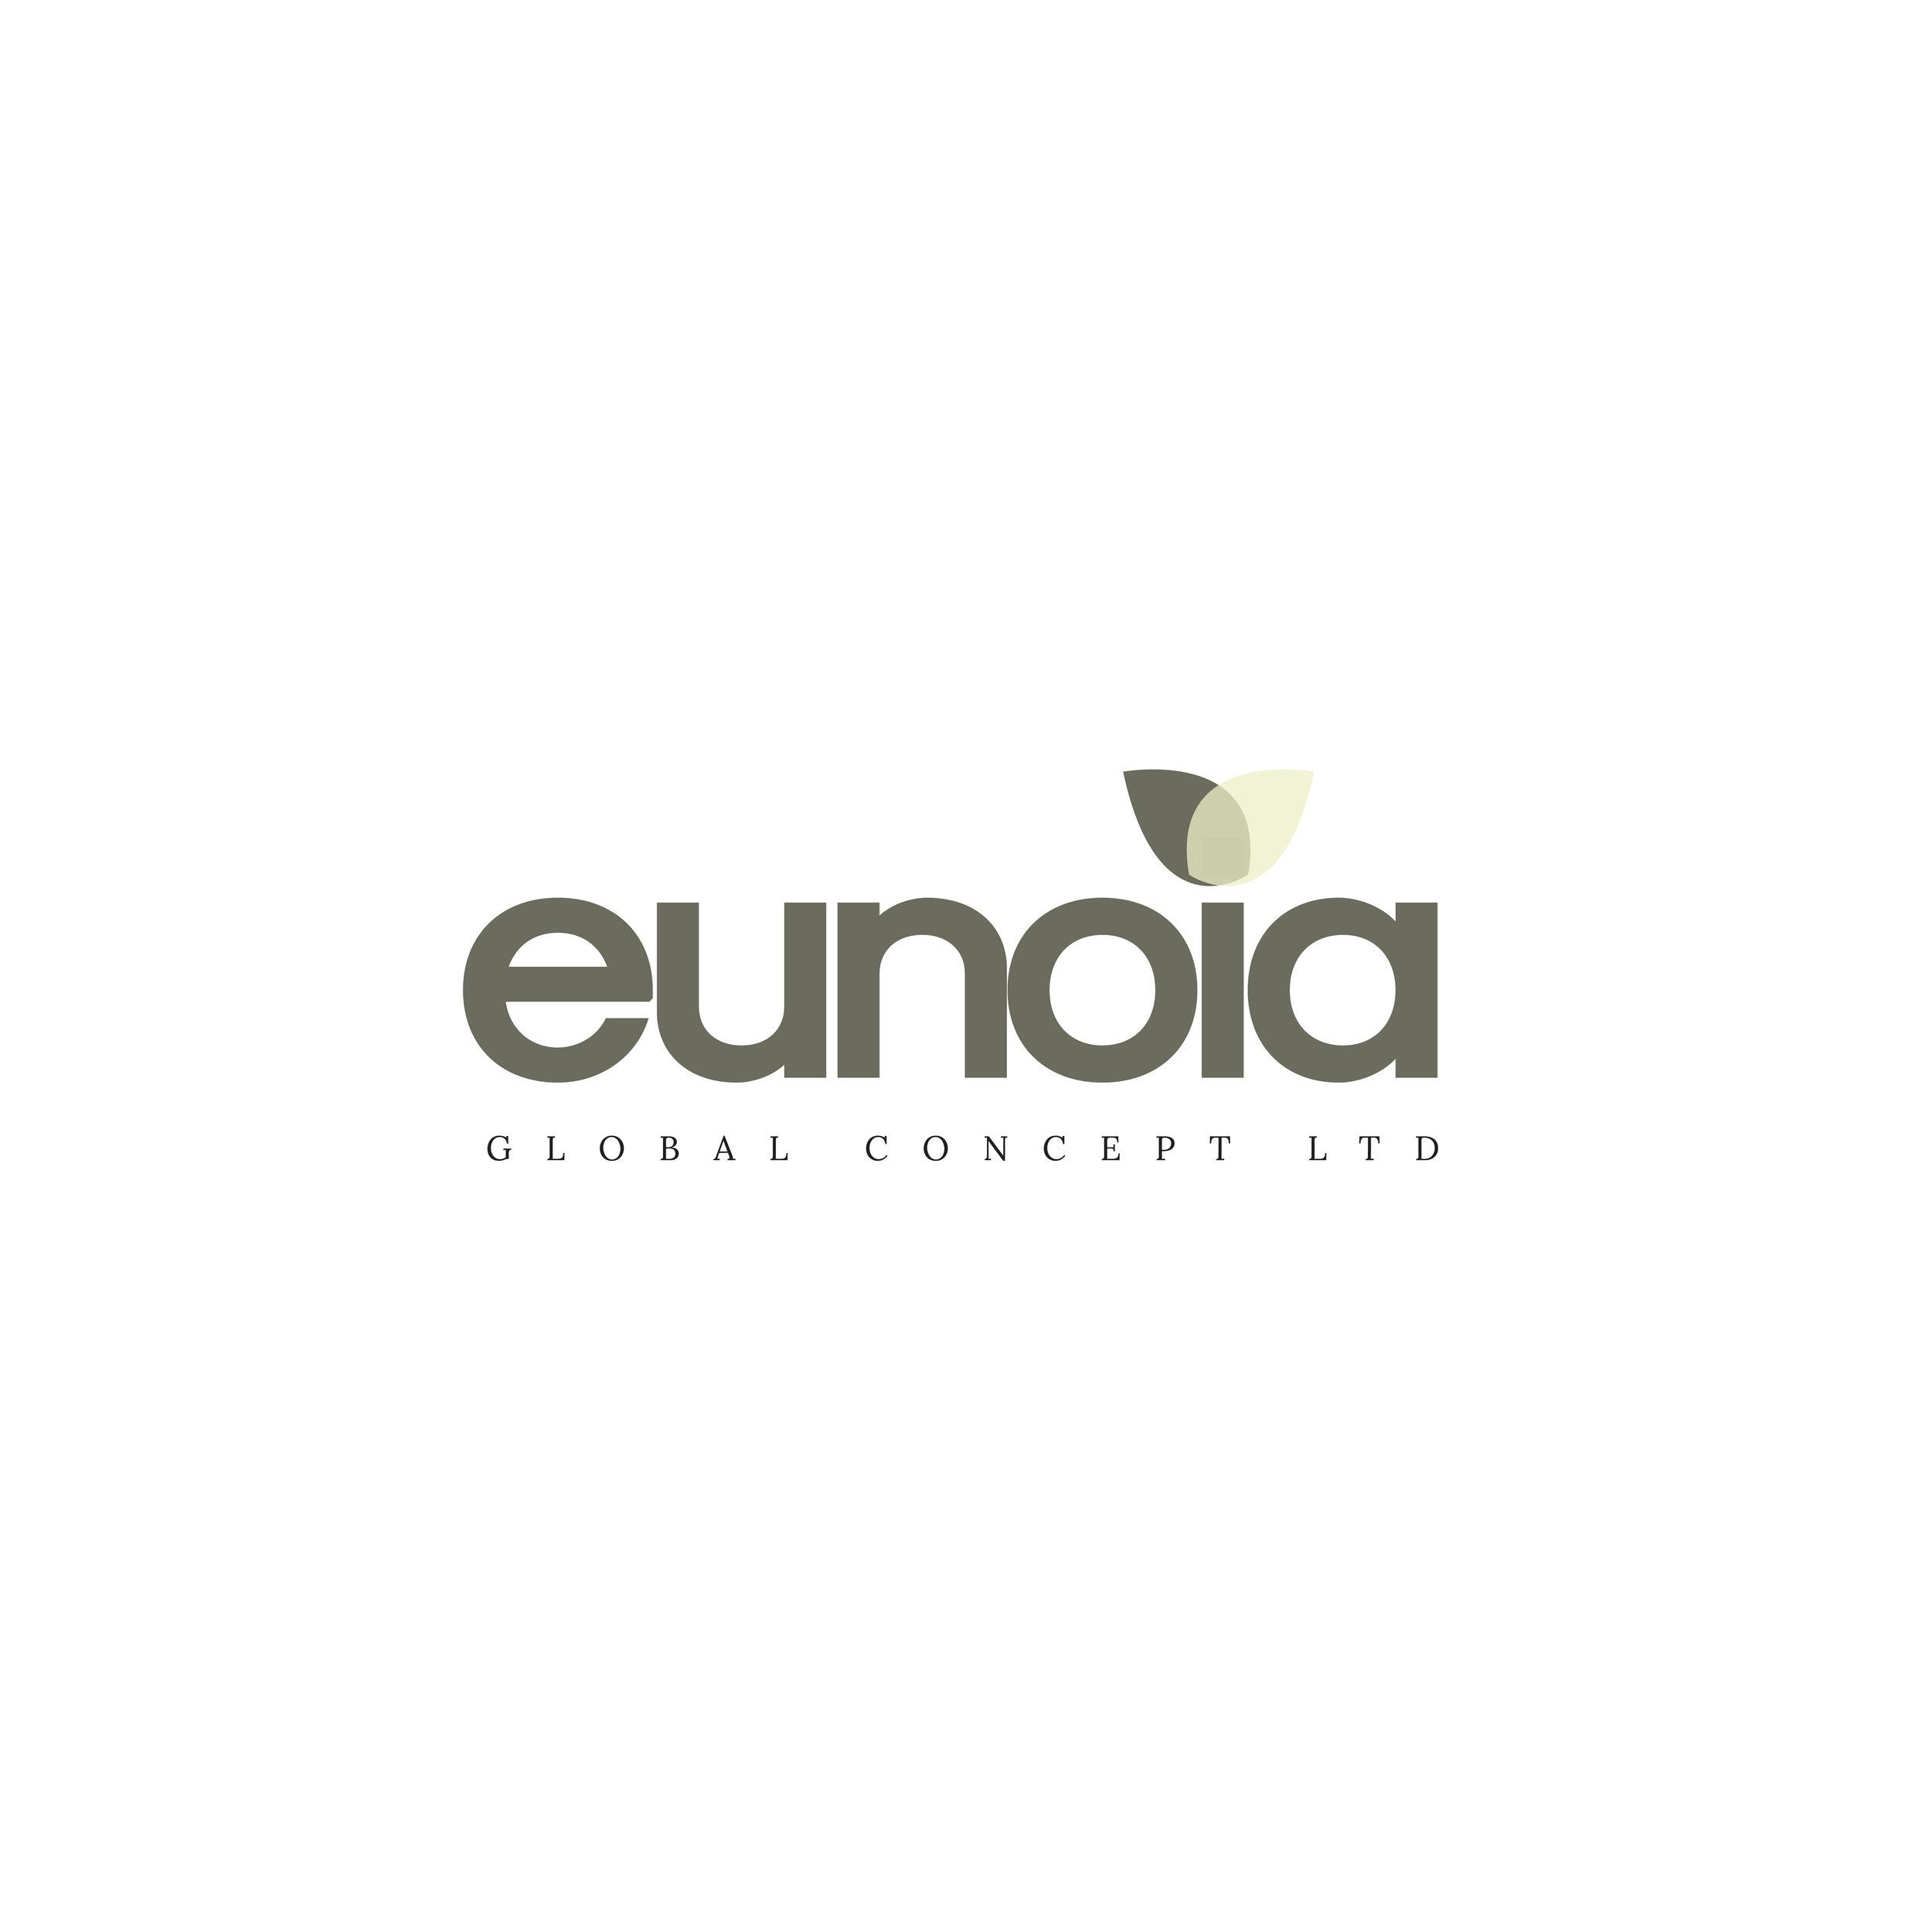 EUNOIA LOGO-01.jpg